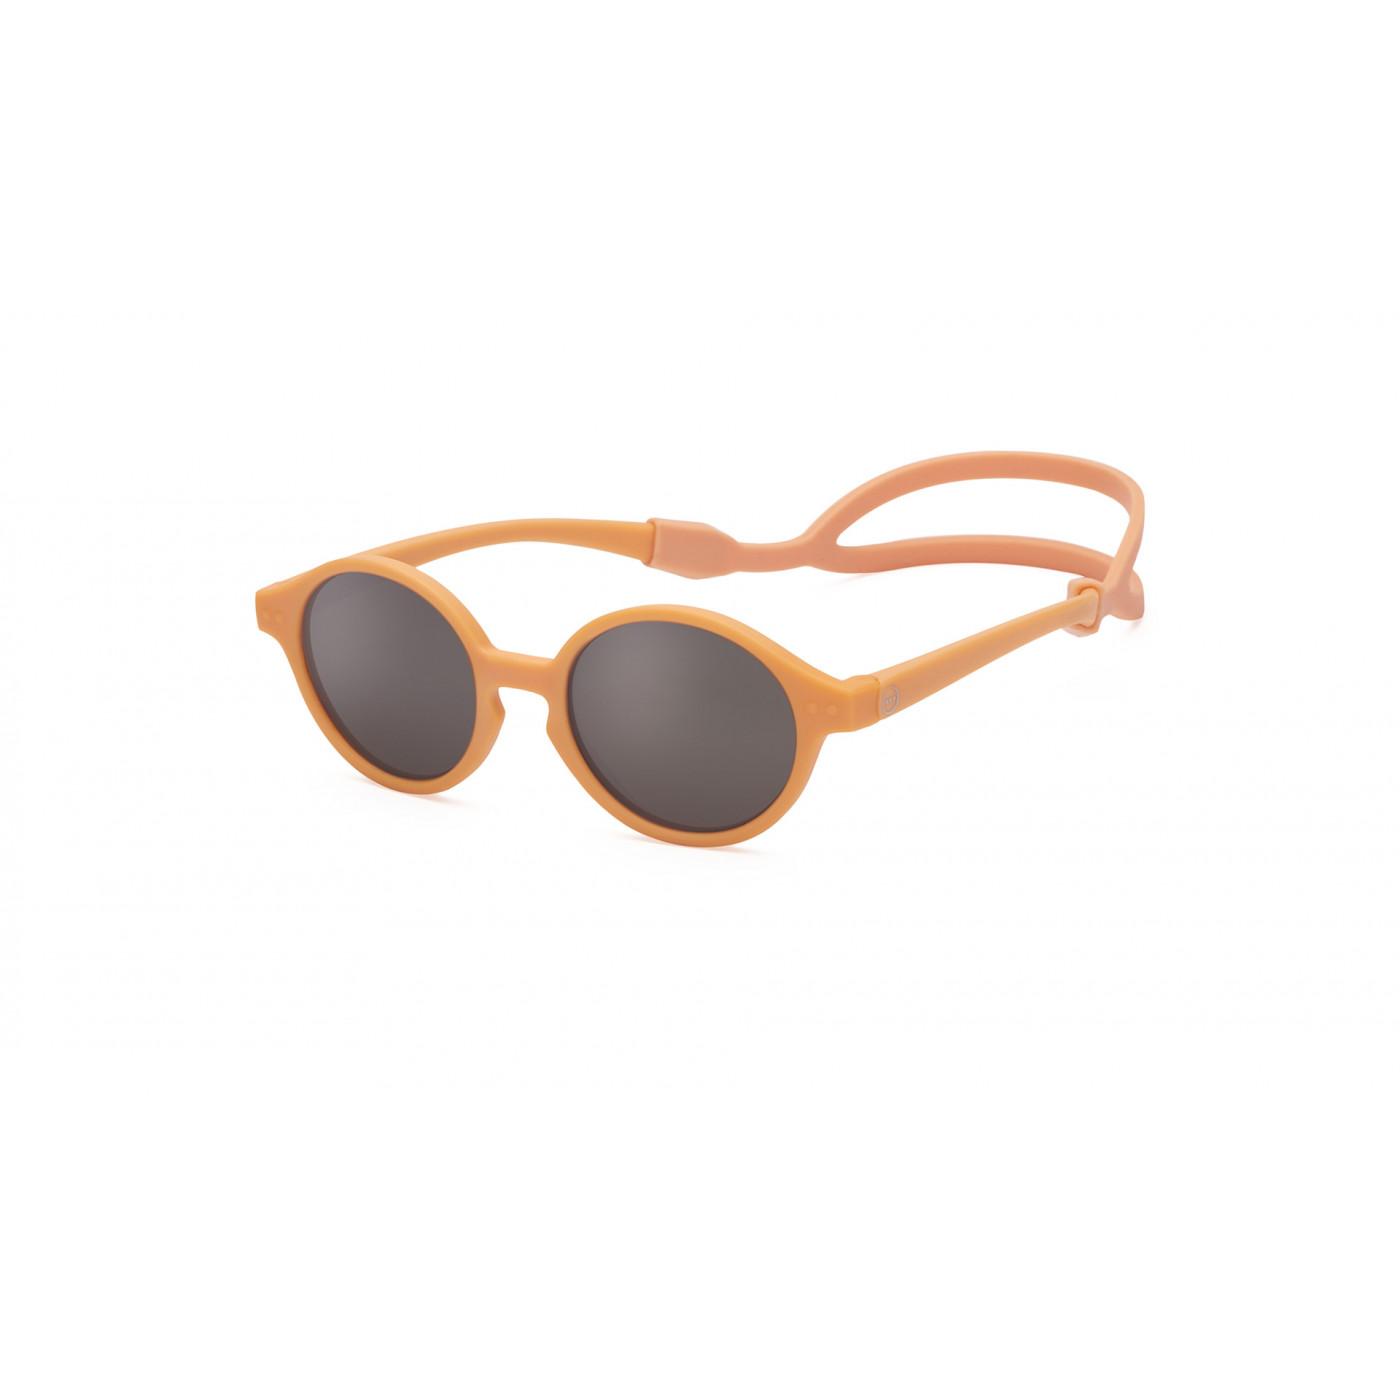 IZIPIZI brille #SUN KIDS 12-36mnd Sunny Orange